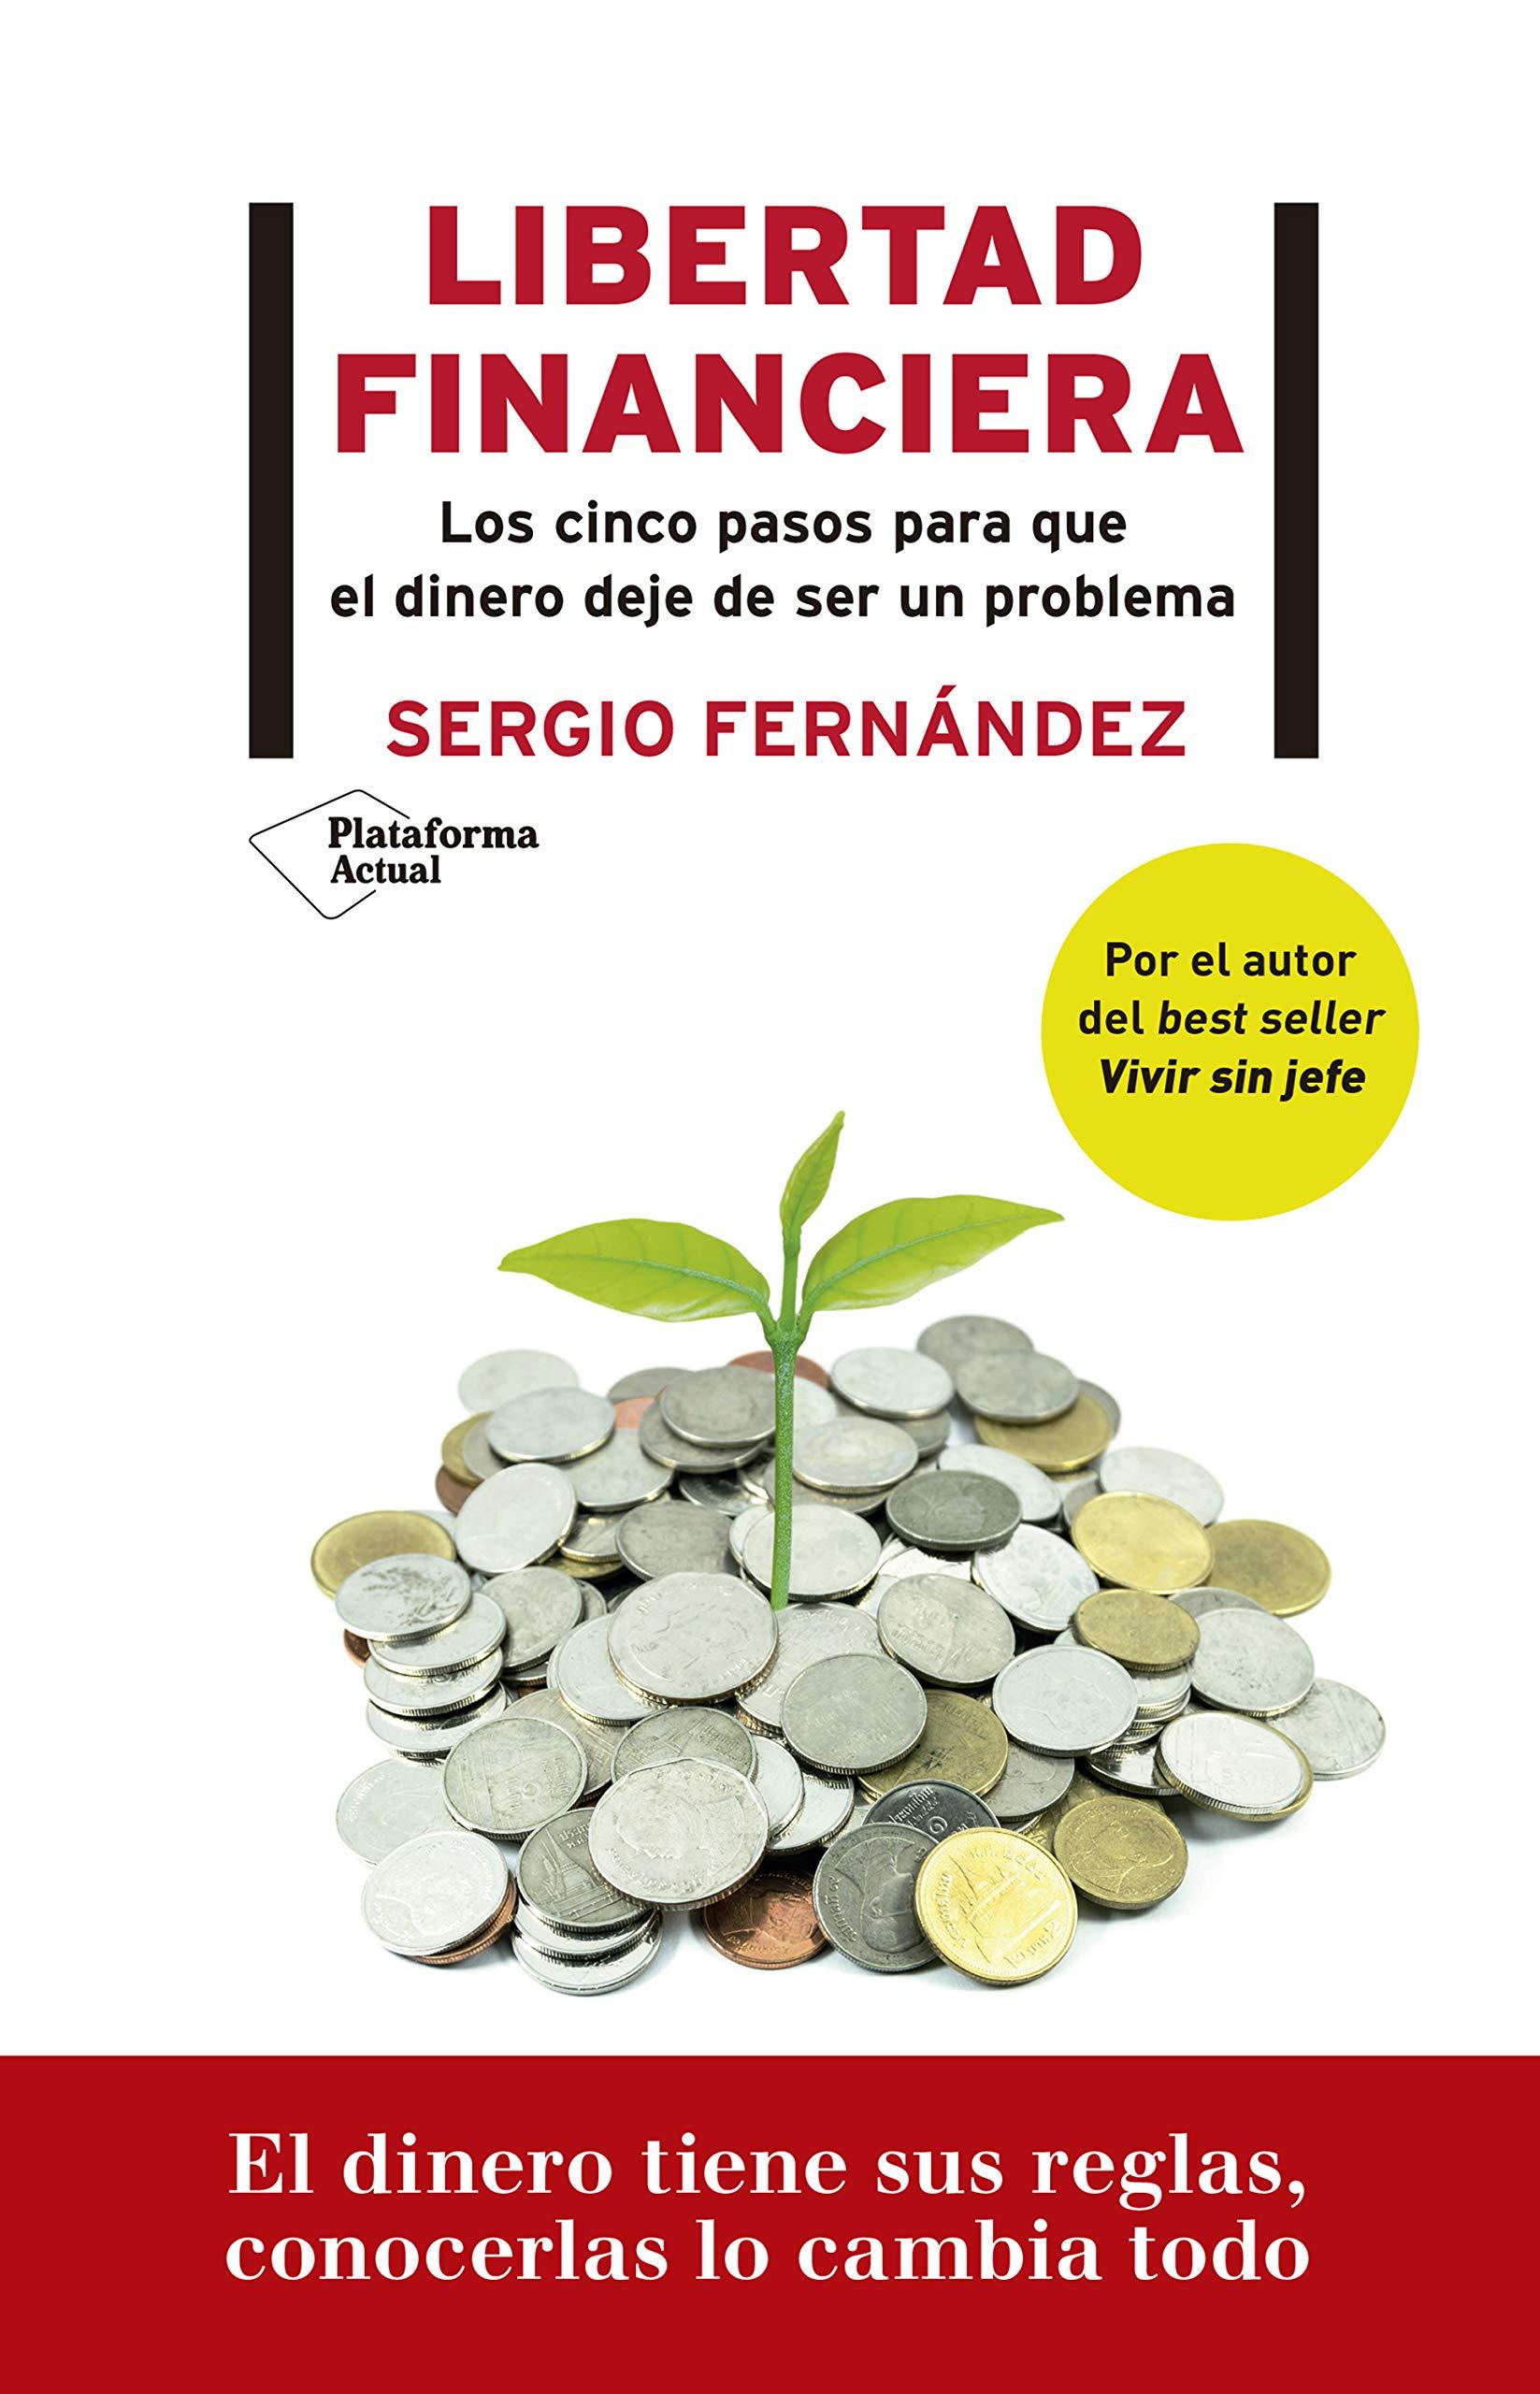 Libertad financiera: Los cinco pasos para que el dinero deje de ser un problema por Sergio Fernández